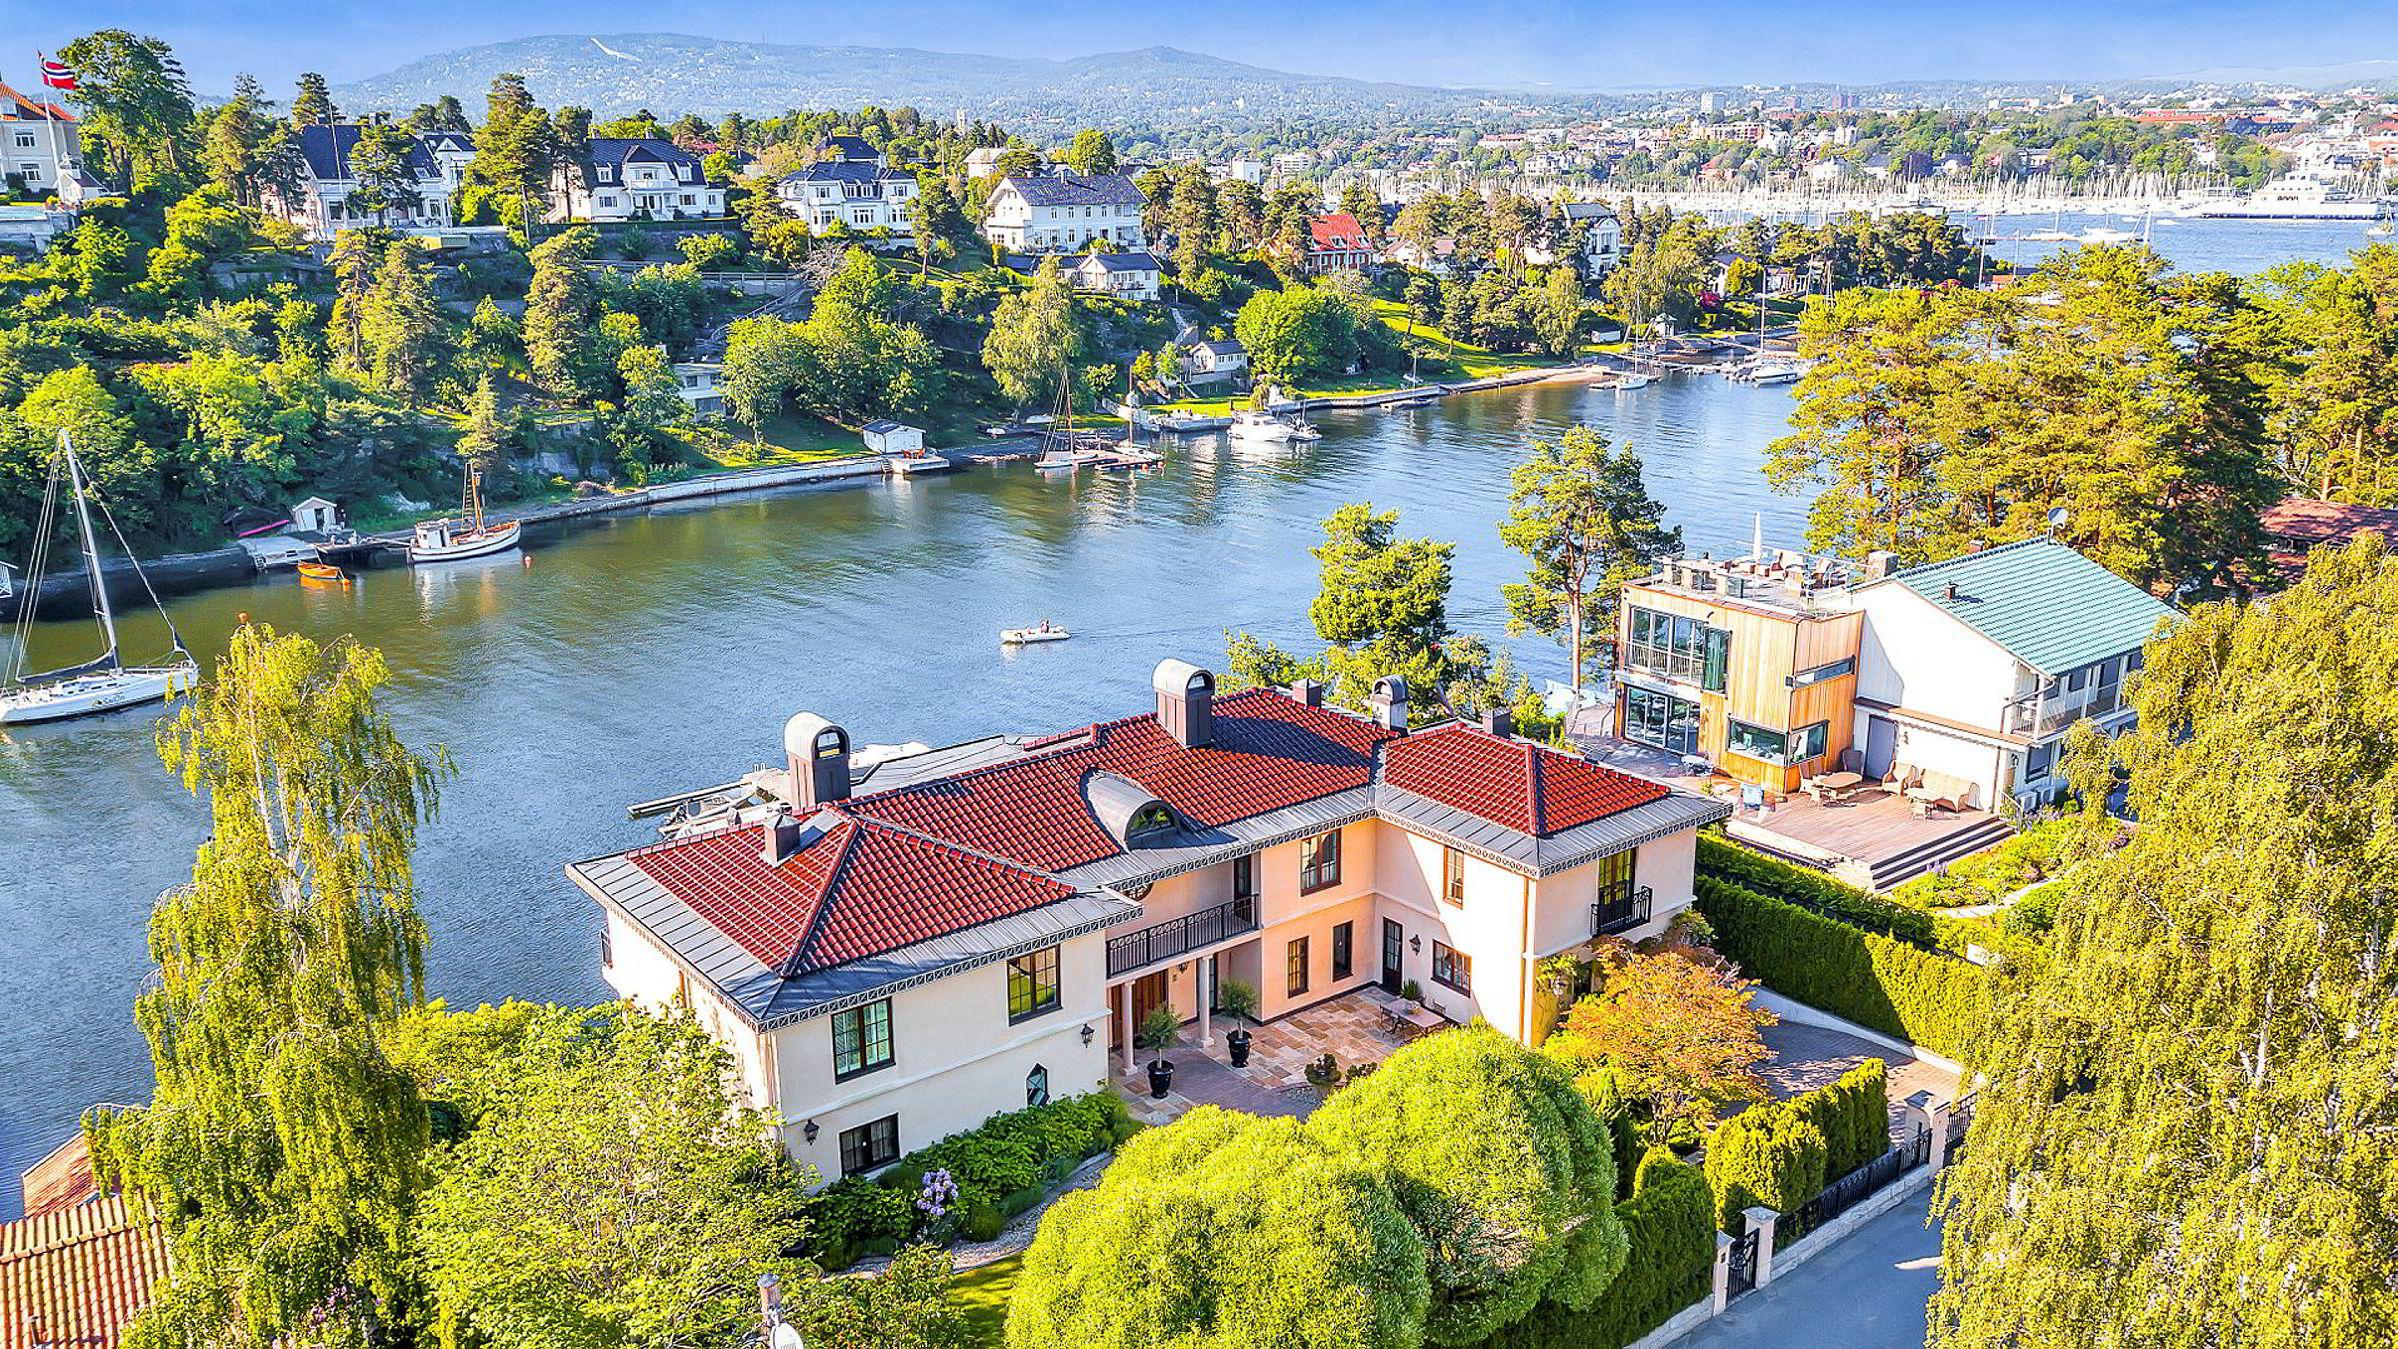 Øivind Tidemandsens villa har ligget ute for salg siden i fjor sommer. Megler Kristian Karlsrud er fornøyd med å ha solgt den på litt over et halvt år.